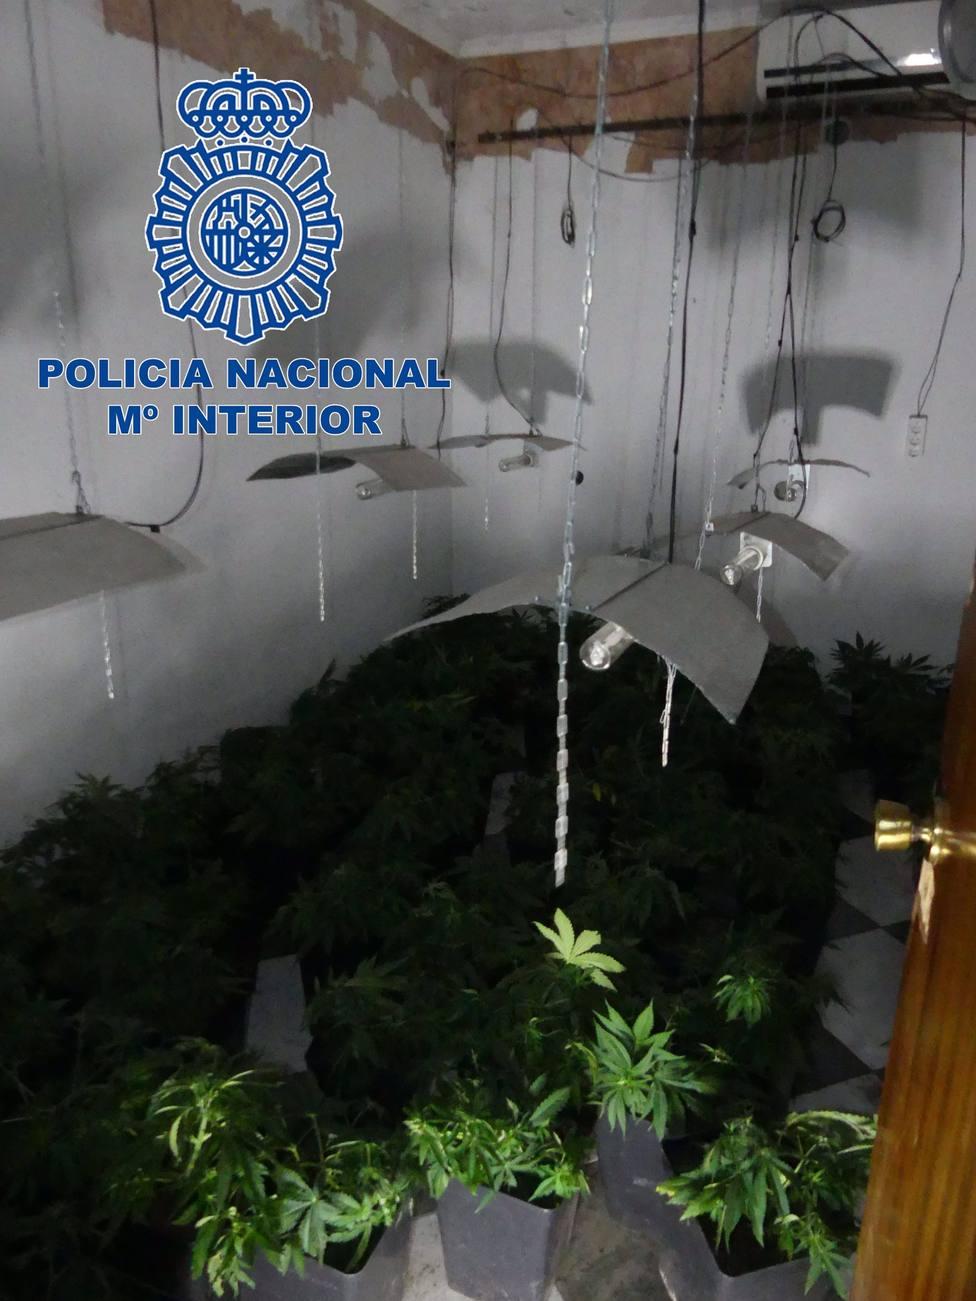 Plantación de marihuana en una vivienda ocupada de Badajoz